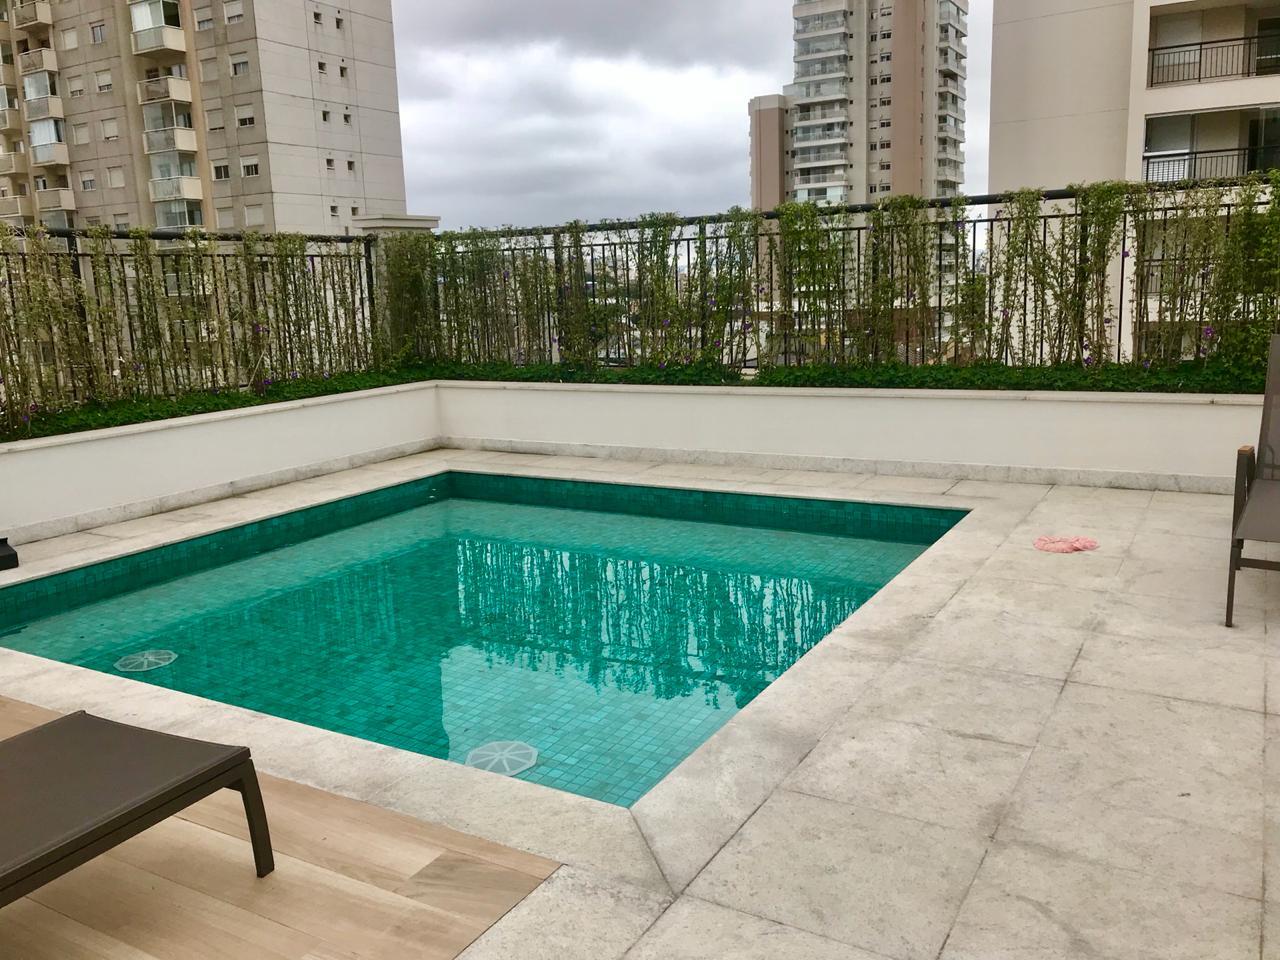 Sumptuous Apartment in Luxury Condominium in Ipiranga, São Paulo